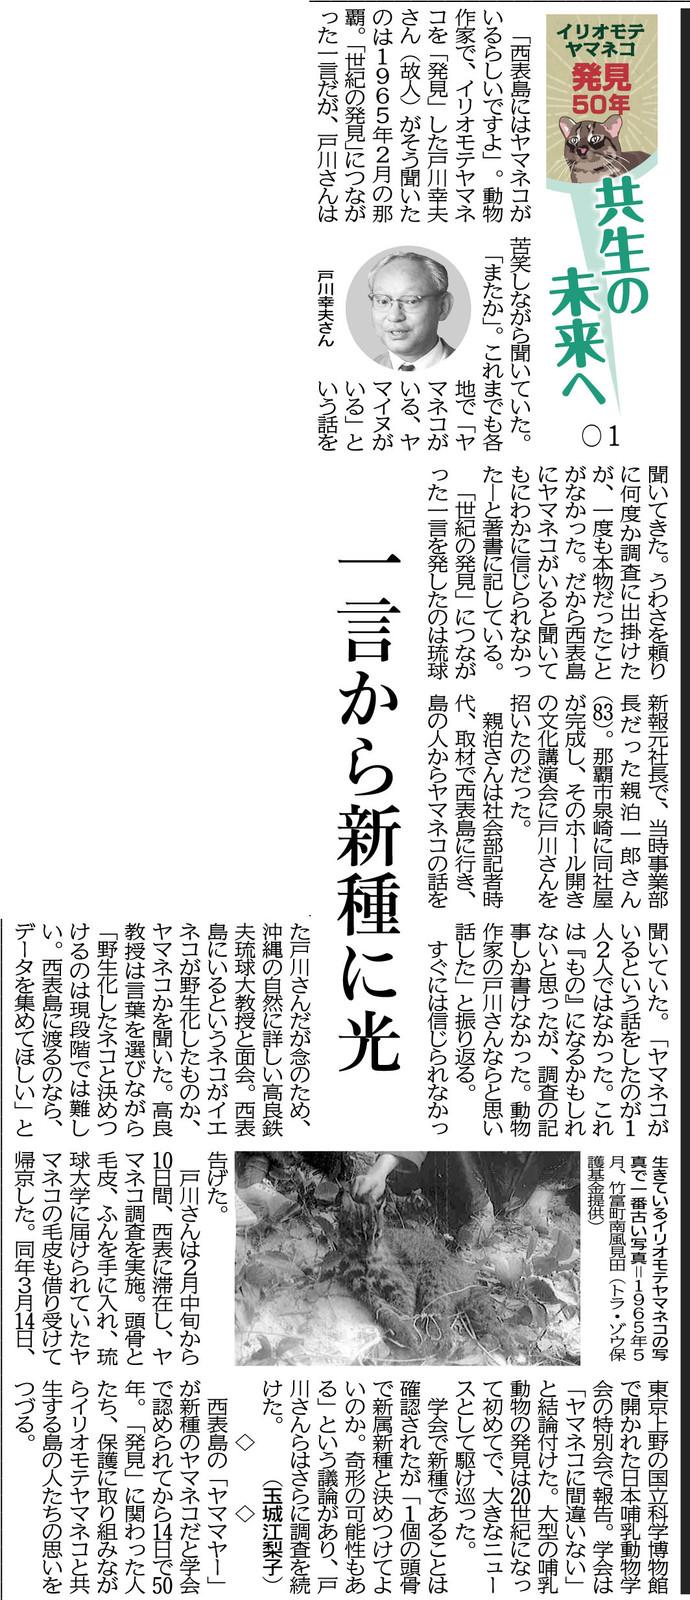 Ryukyushinpo_yamaneko01_small